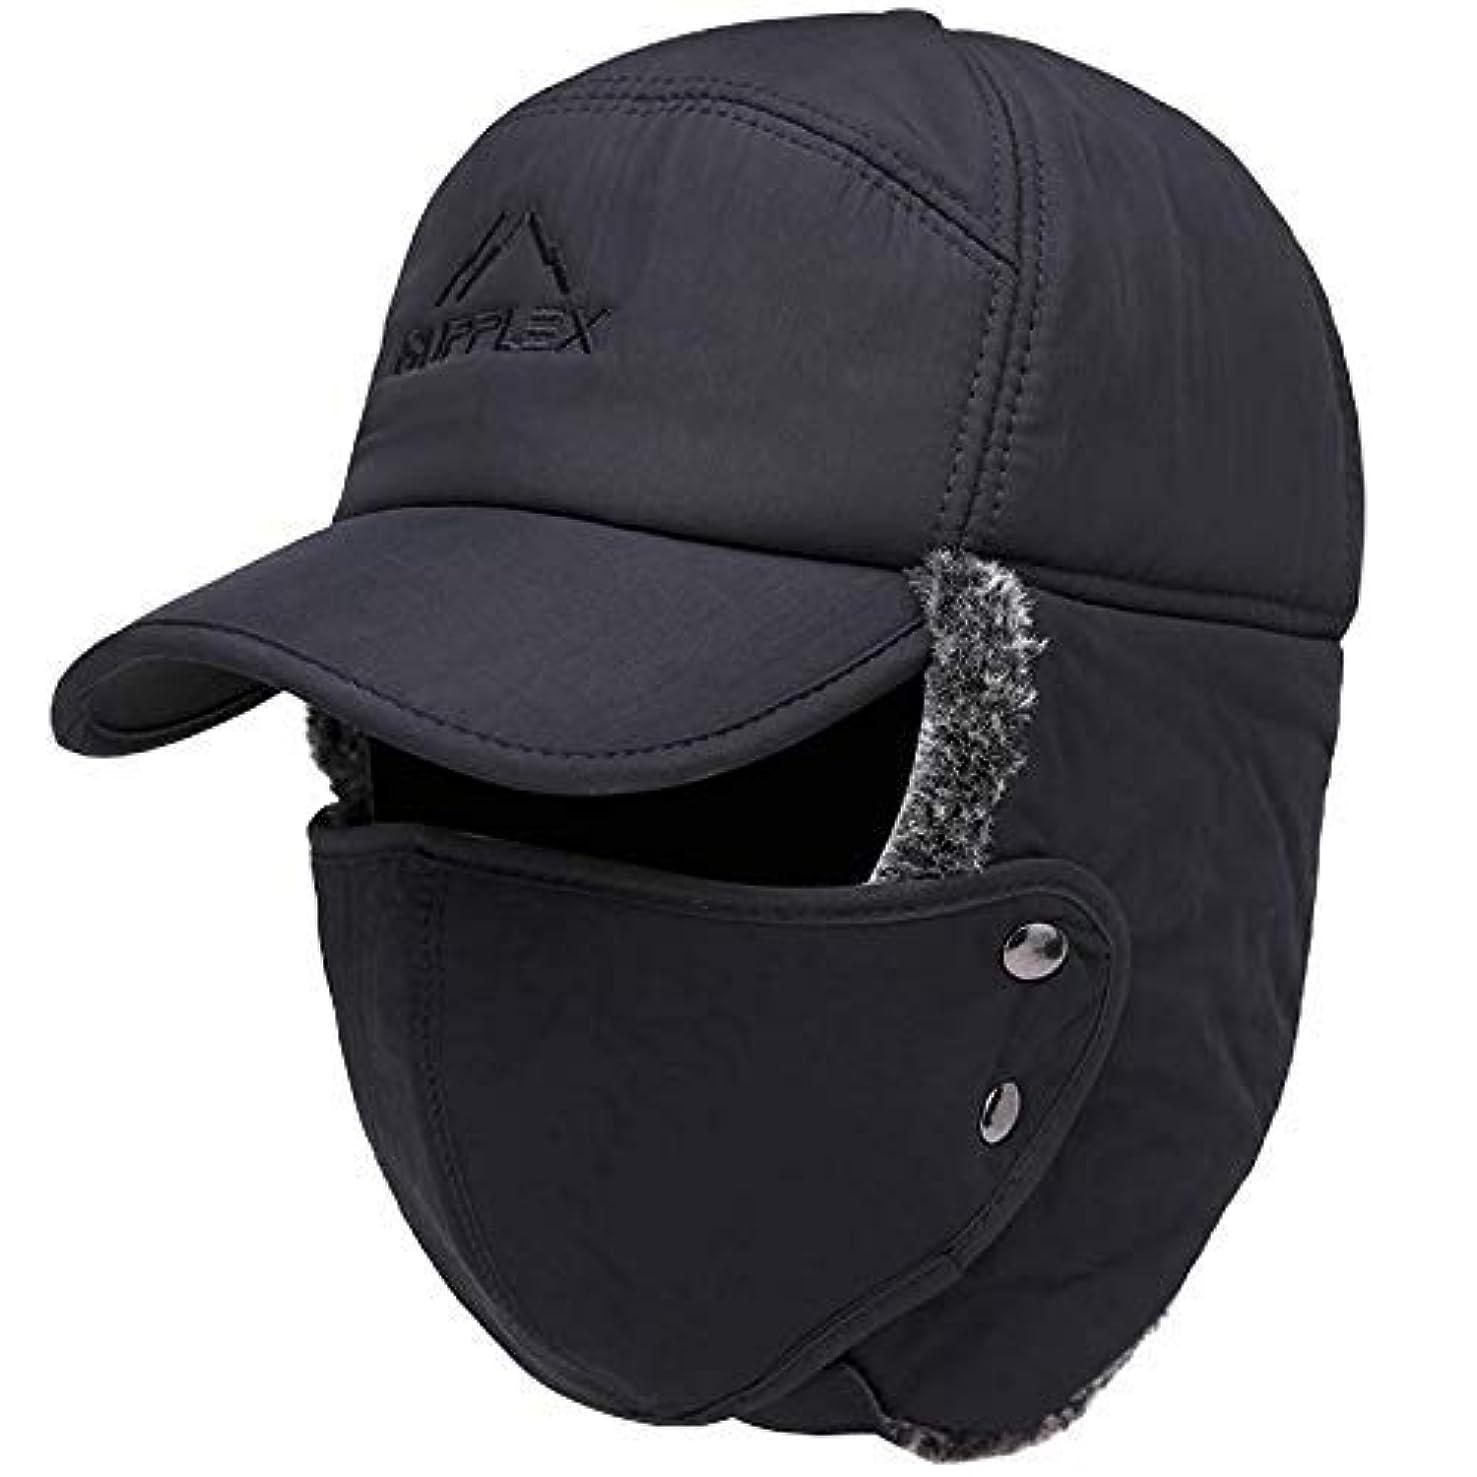 出会いマラドロイト対話Wild Scene (ワイルドシーン) 防寒帽子 耳あて フェイスマスク 付き メンズ フリーサイズ 釣り 登山 アウトドア に最適